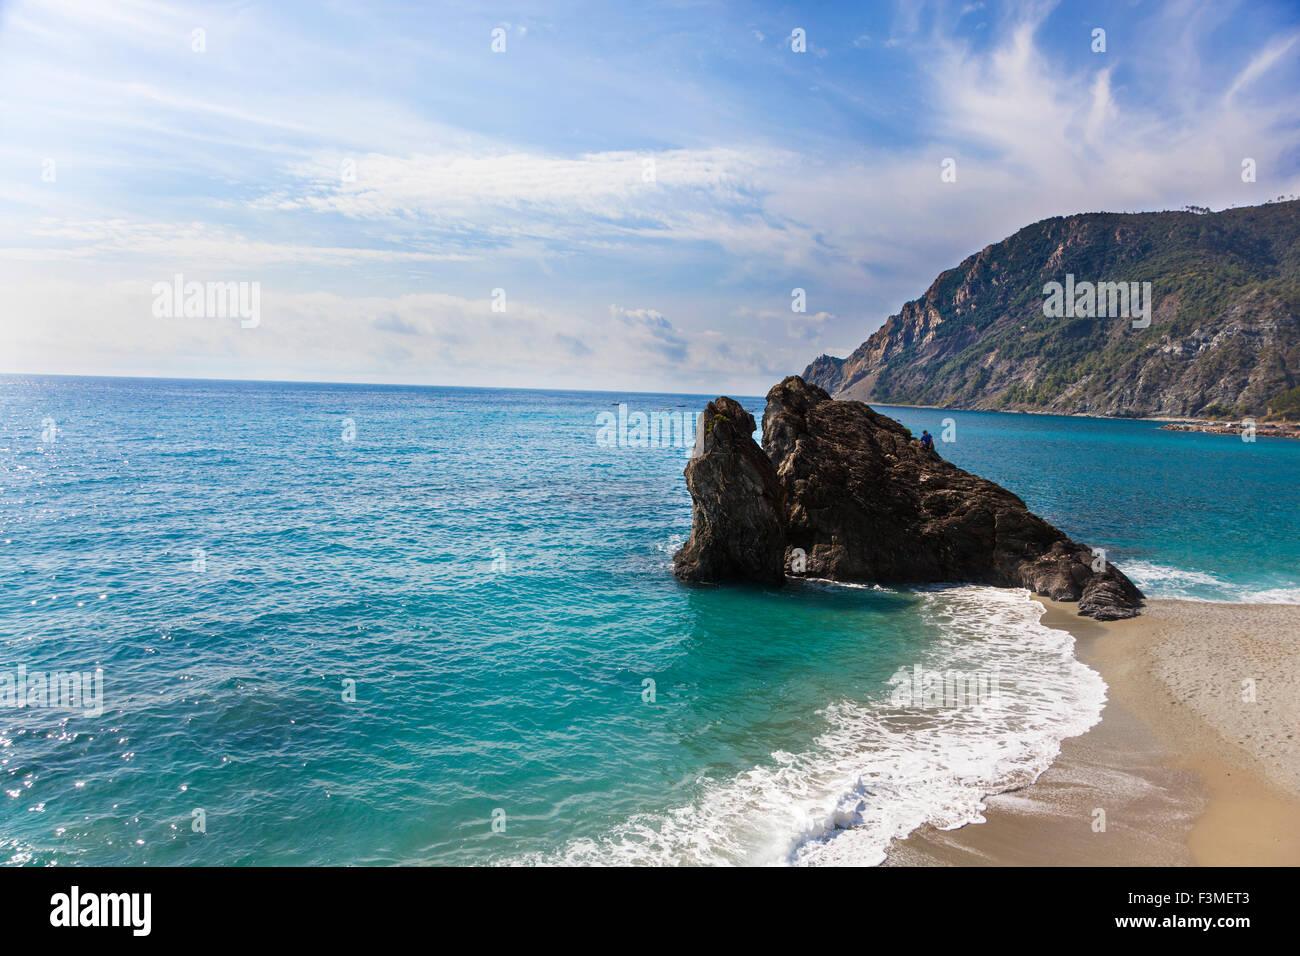 Beach in Monterosso al Mare, Cinque Terre, Italy Stock Photo